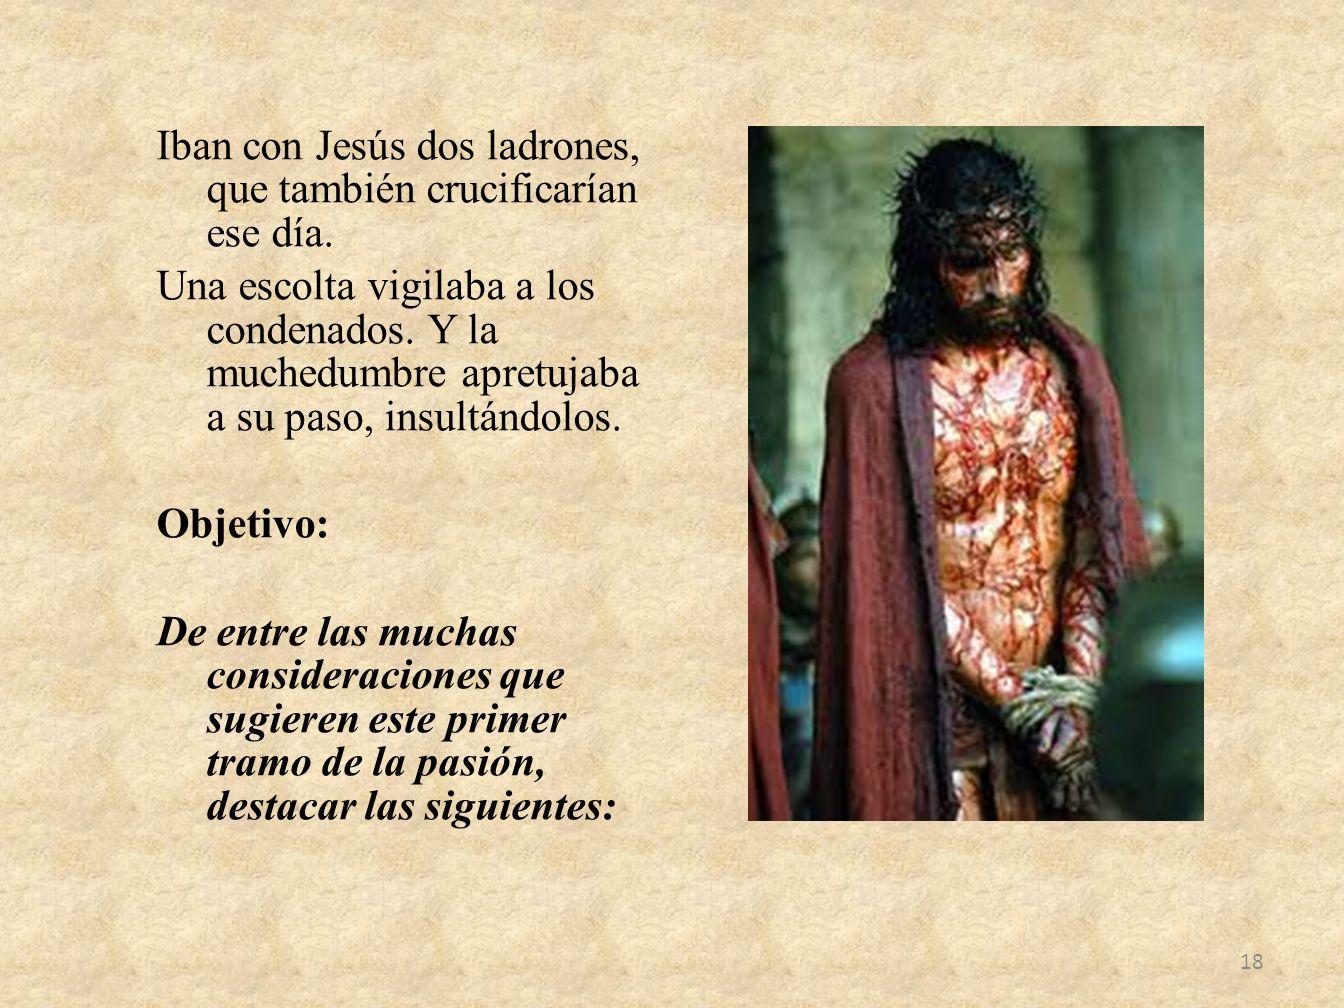 Iban con Jesús dos ladrones, que también crucificarían ese día. Una escolta vigilaba a los condenados. Y la muchedumbre apretujaba a su paso, insultán